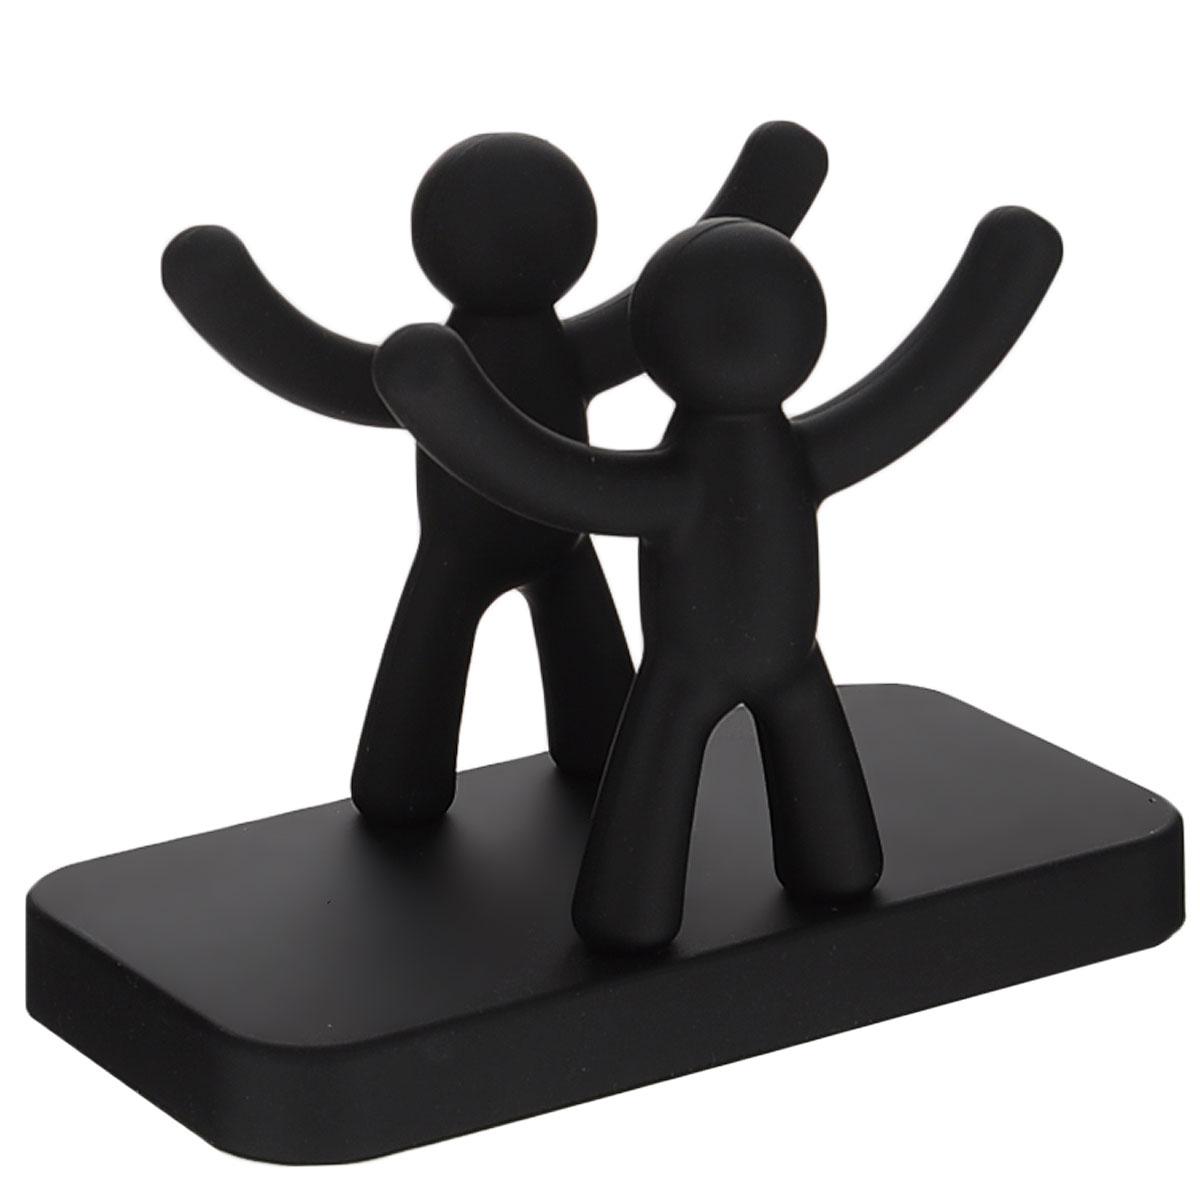 Салфетница Umbra Buddy, цвет: черный115610Салфетница Umbra Buddy, изготовленная из высококачественной полипропилена с покрытием Soft-touch, оформлена двумя фигурками человечков с поднятыми вверх руками. Салфетница оригинального дизайна украсит кухонный стол.